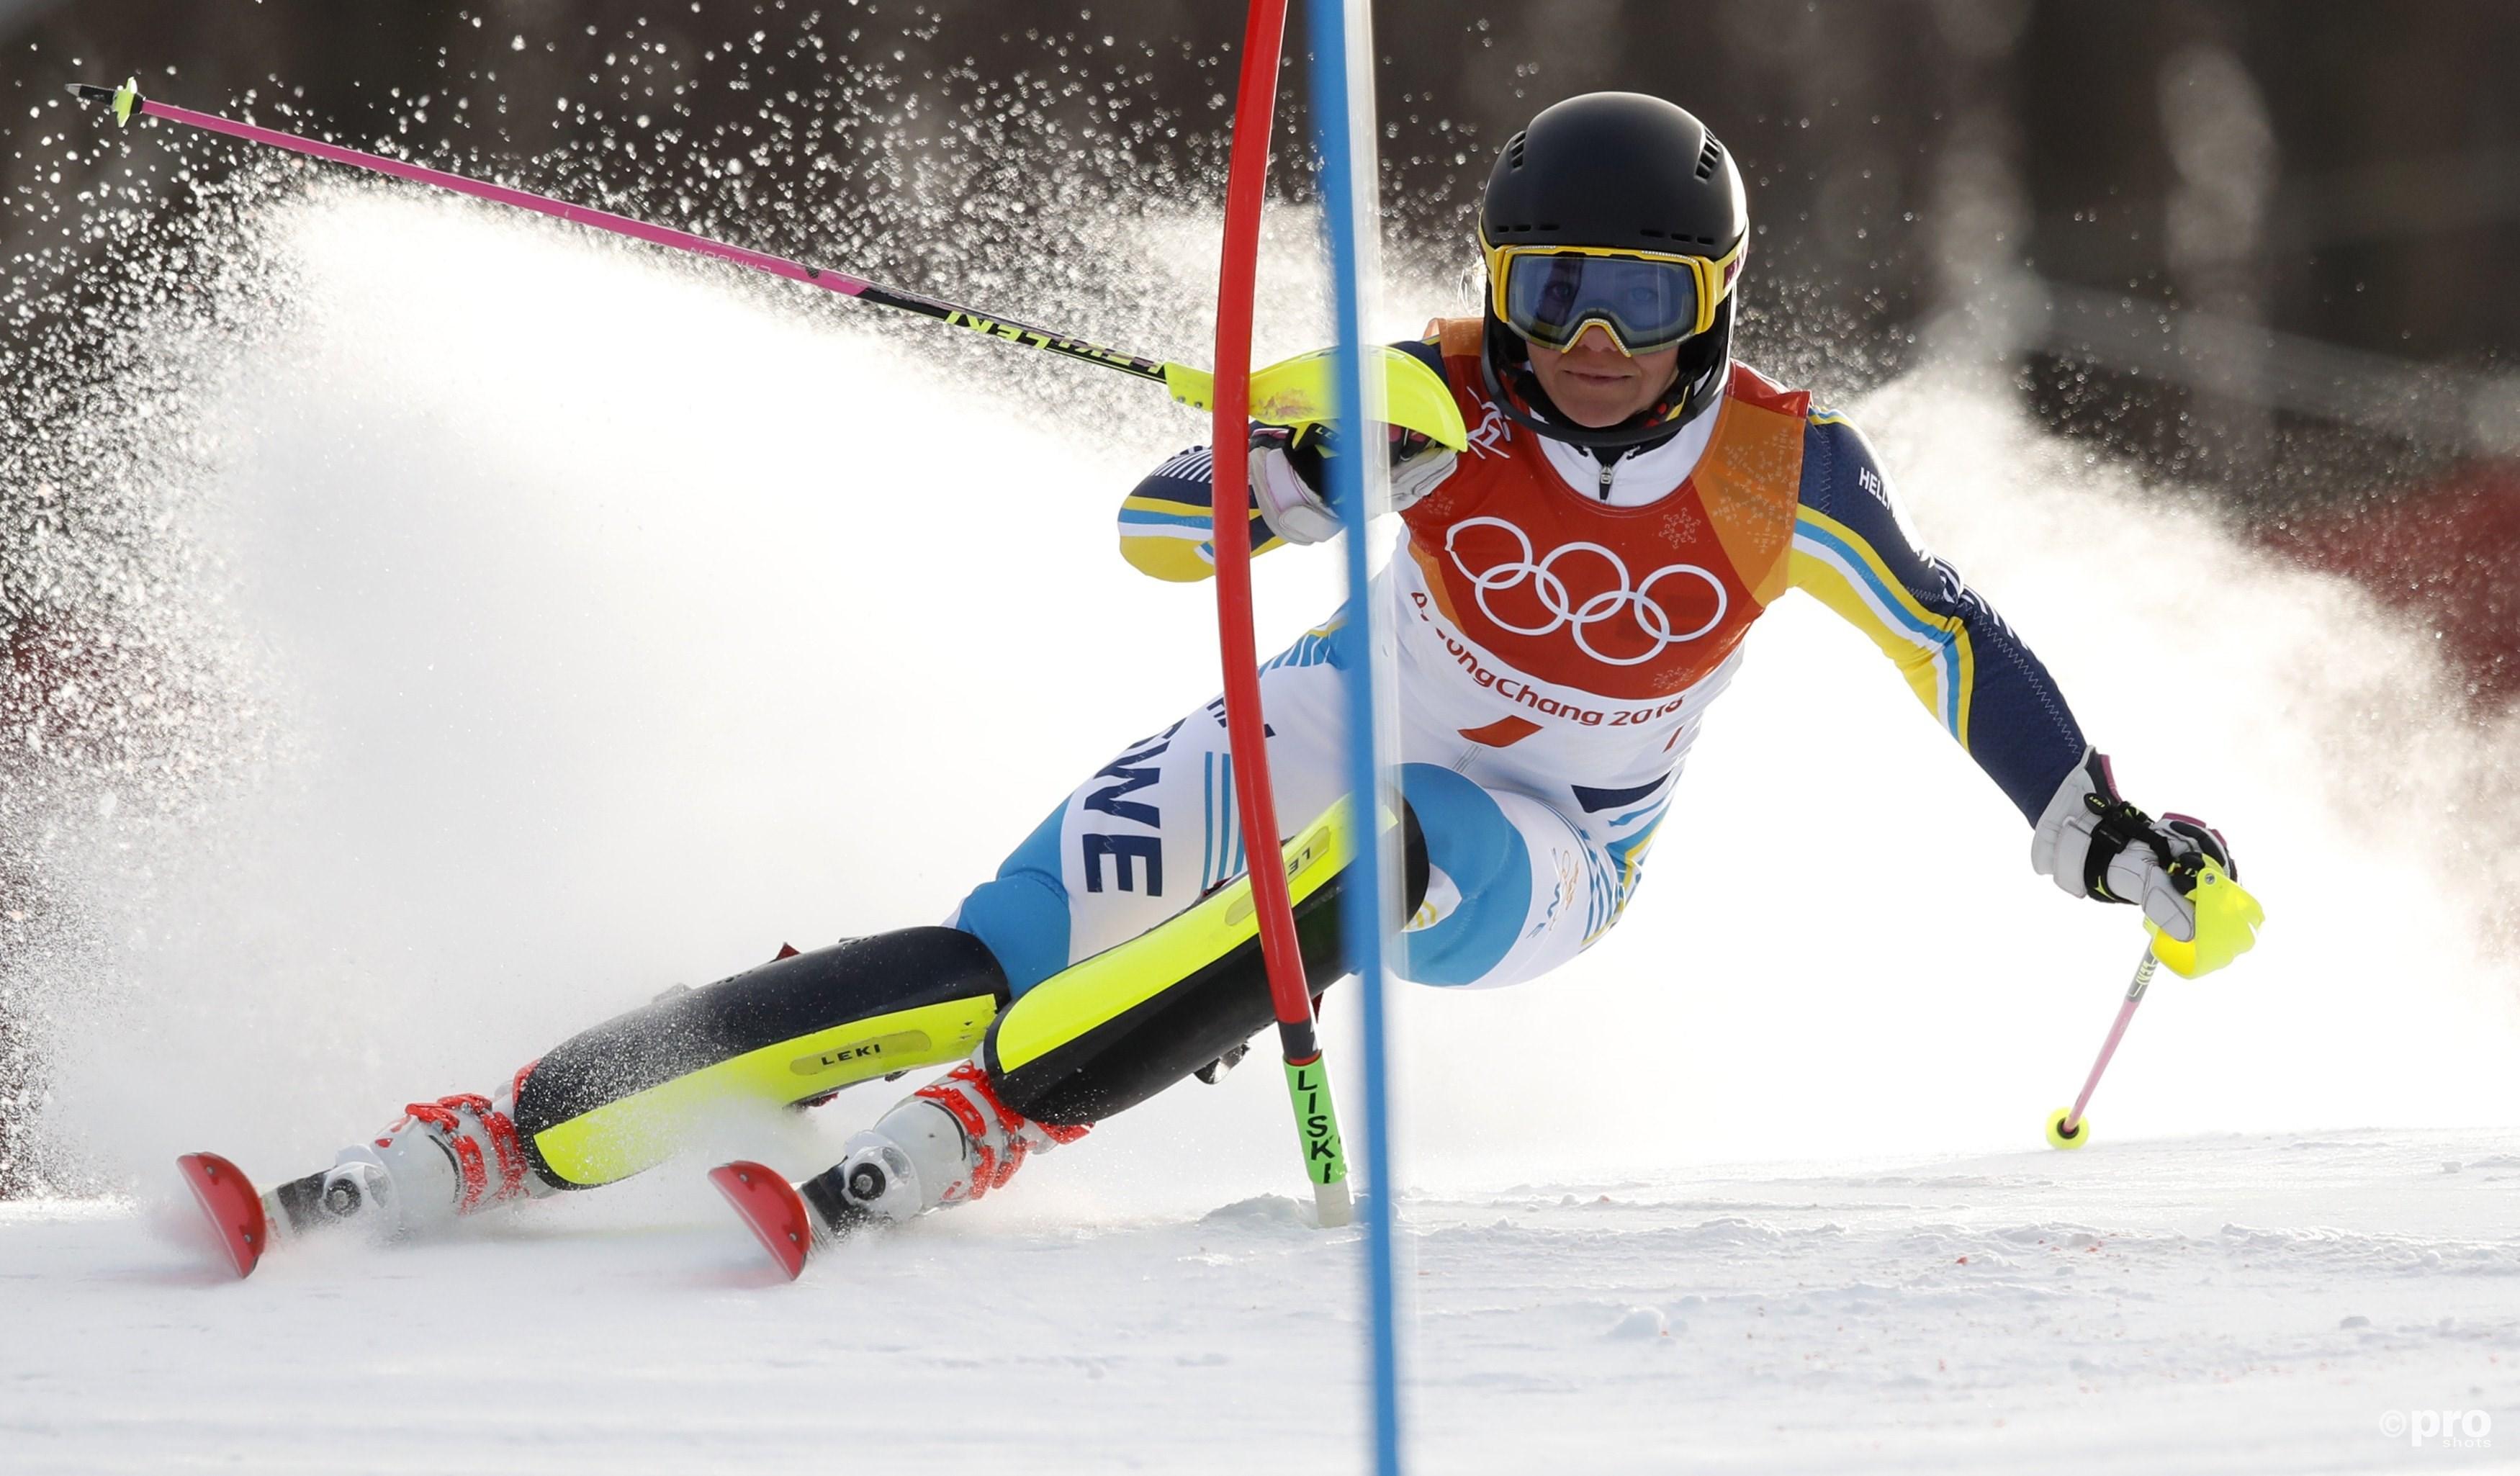 Hansdotter slalomt zich een weg naar olympisch goud (Pro Shots/Action Images)